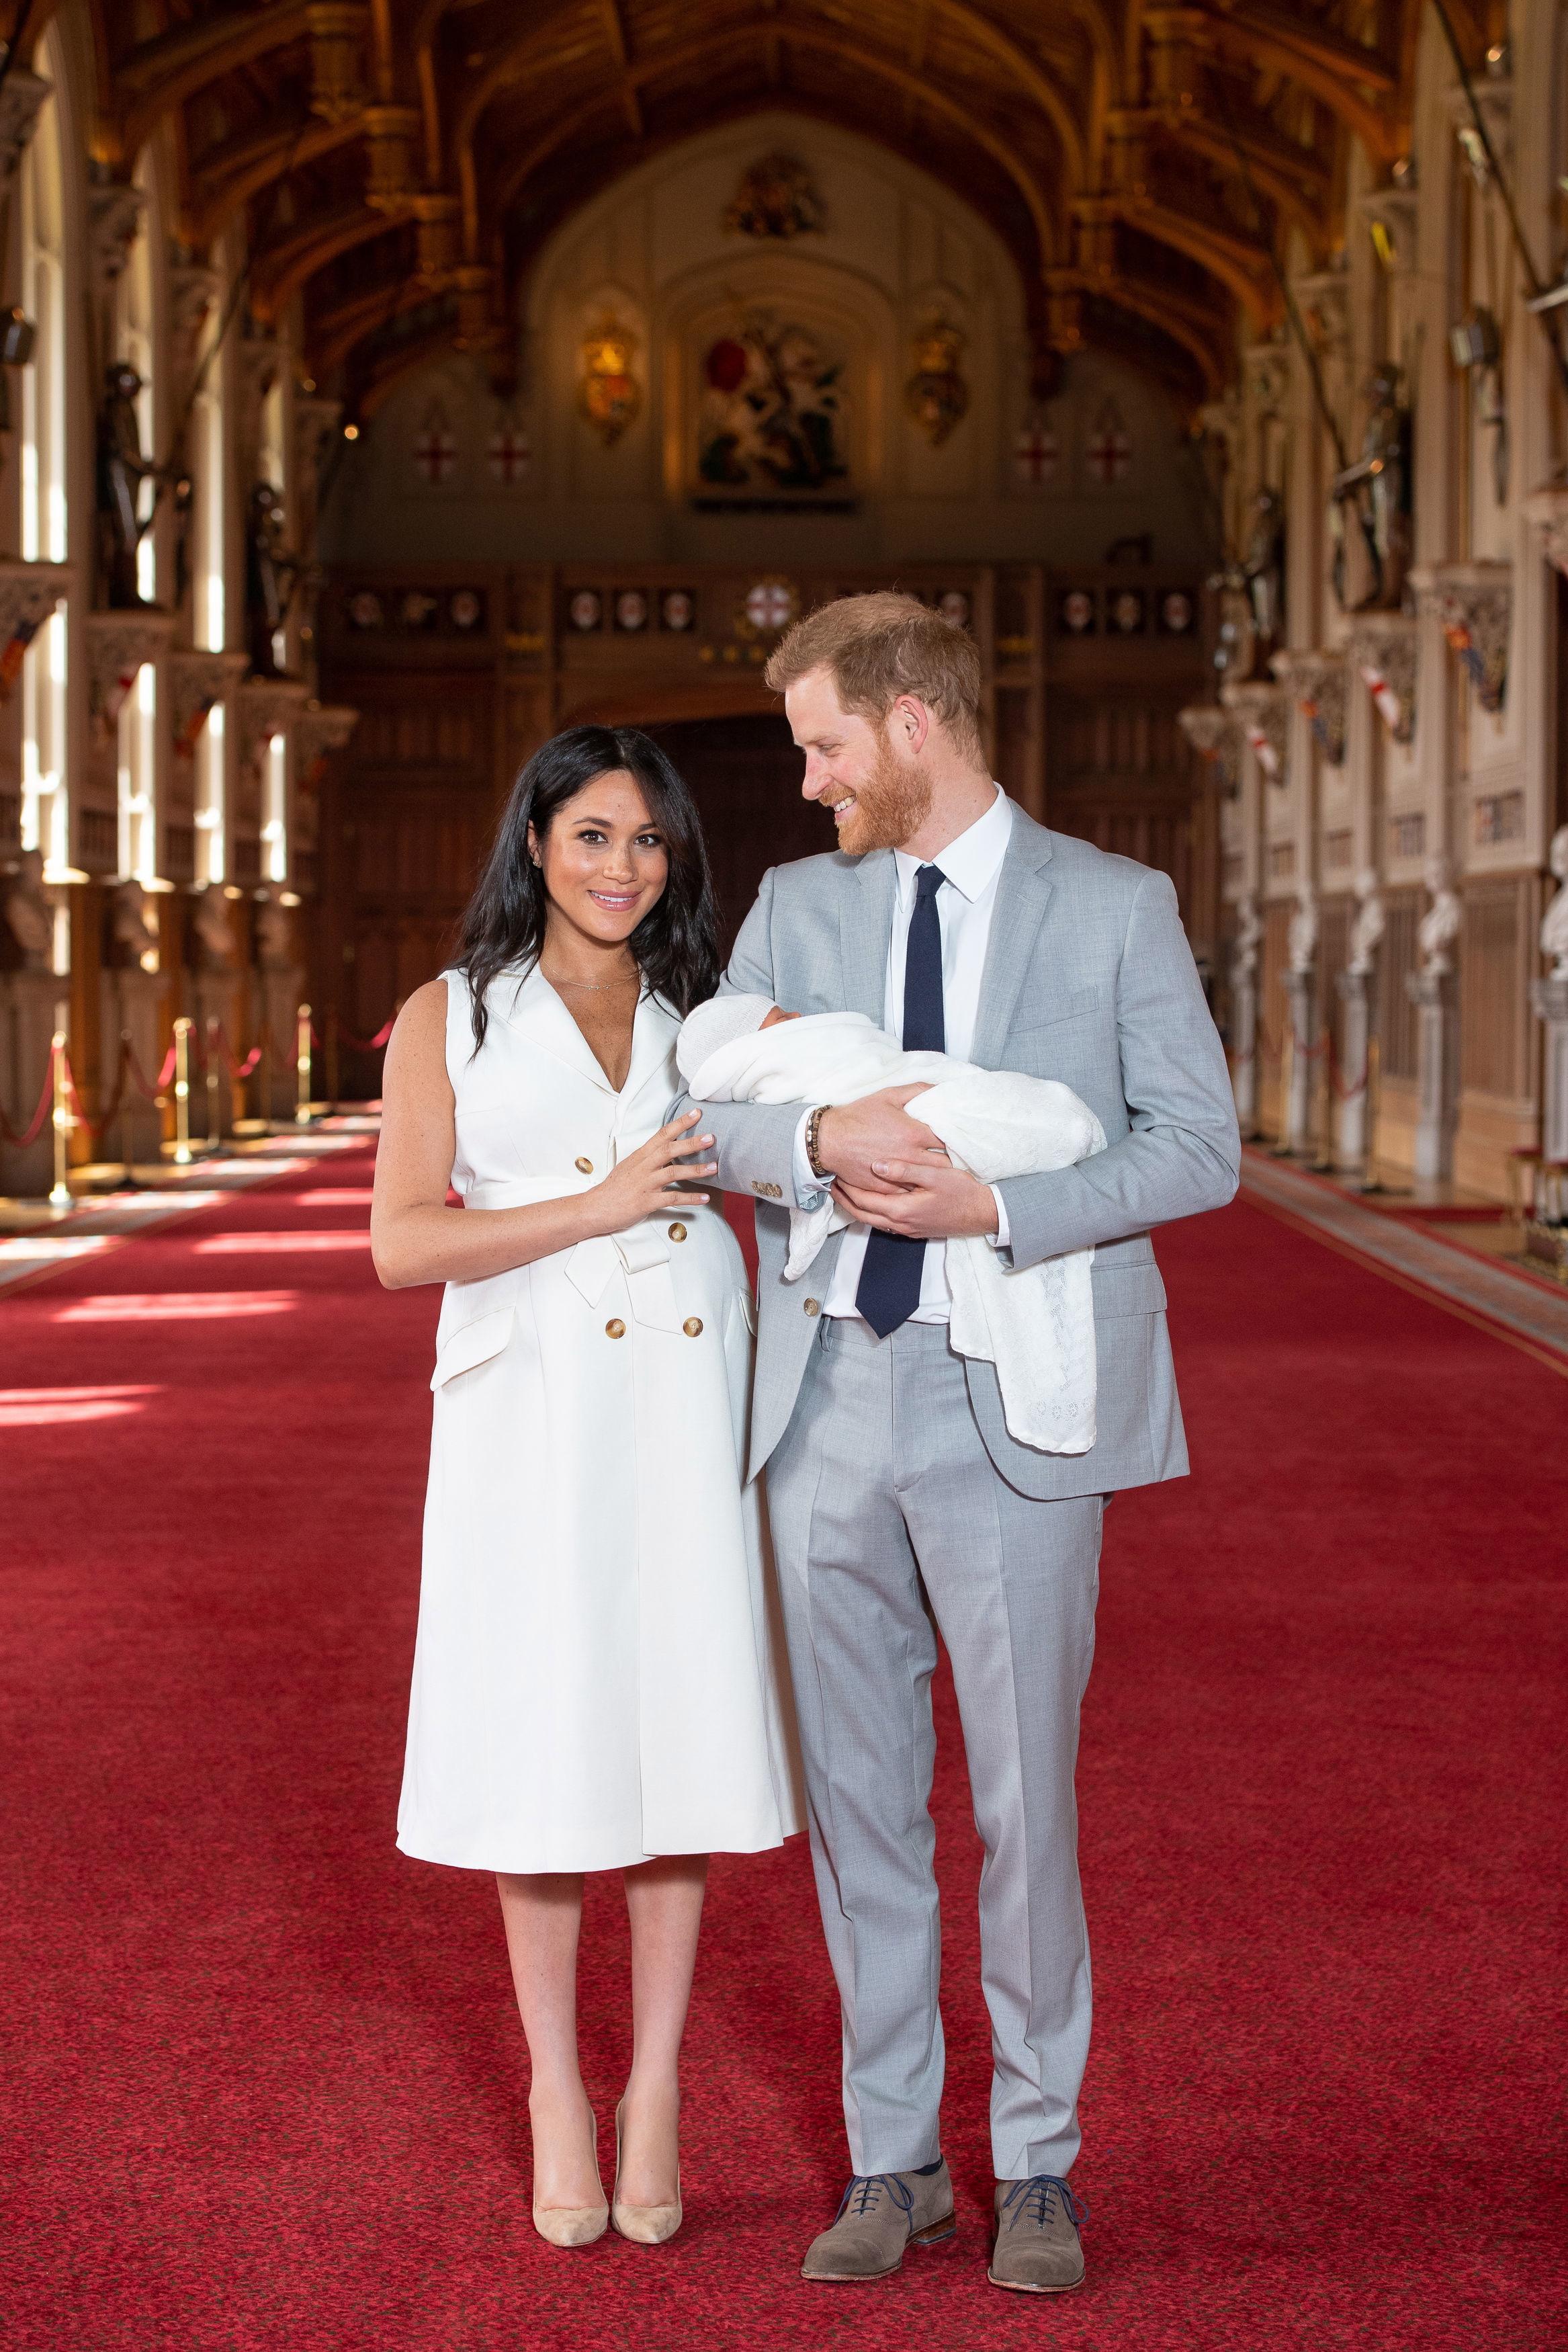 """""""Ние наблюдаваме как ще промените ще се случат в следващите шест месеца. Но неговия външен вид се променя всеки един ден, така че кой знае.""""<br /> Новороденото седмо в реда за короната, но няма веднага да стане принц. Най-вероятно то ще носи титлата херцог на Съсекс, тъй като е първородното мъжко дете на двойката."""